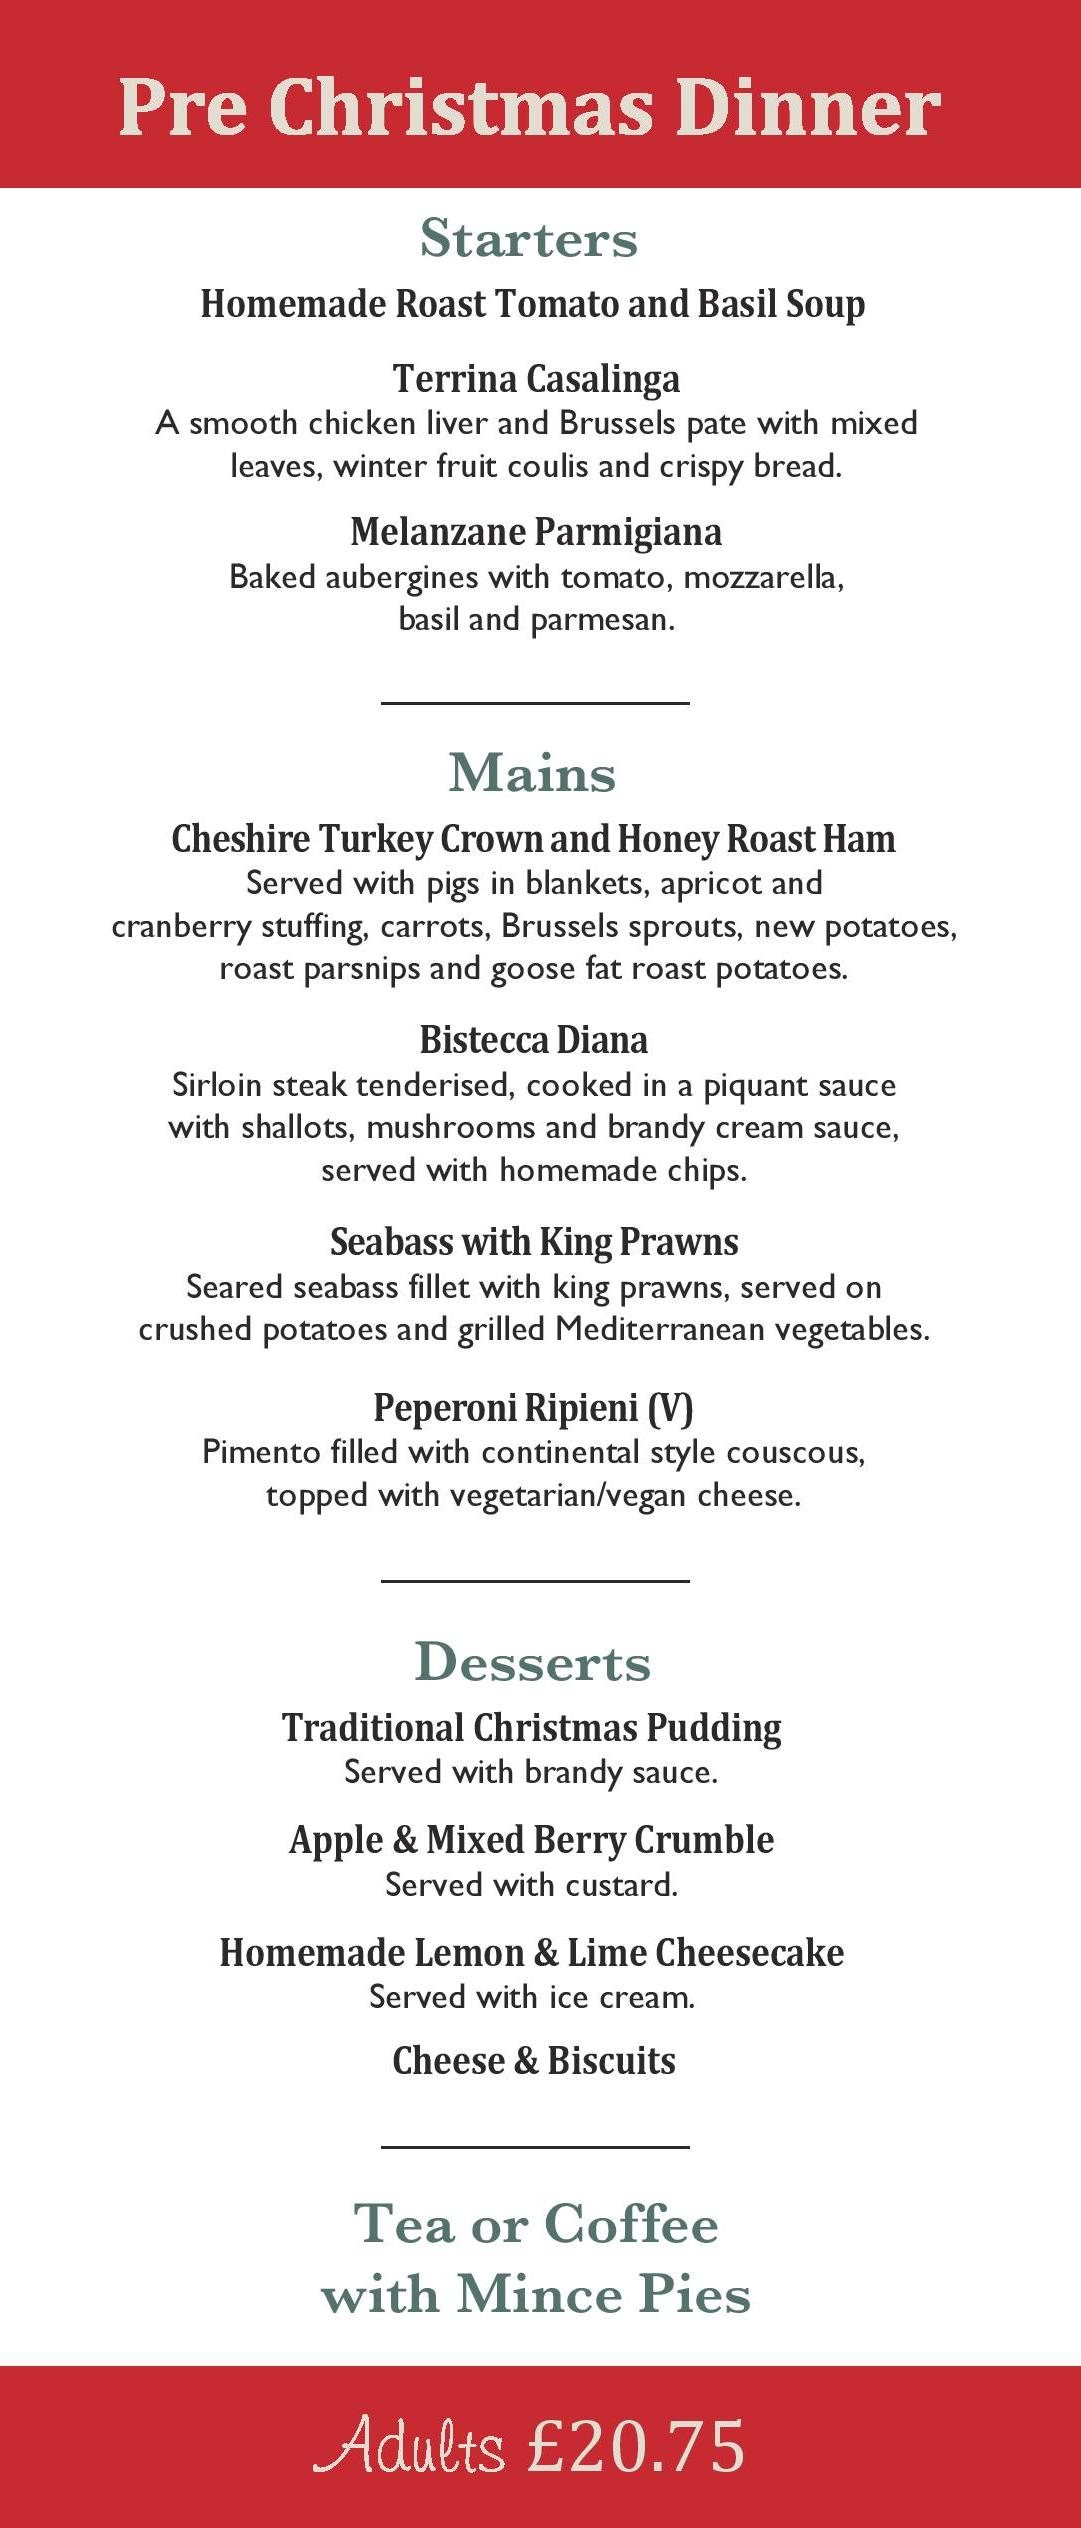 http://www.theparrswoodinn.co.uk/wp-content/uploads/2019/11/Pre-Christmas-Dinner.jpg